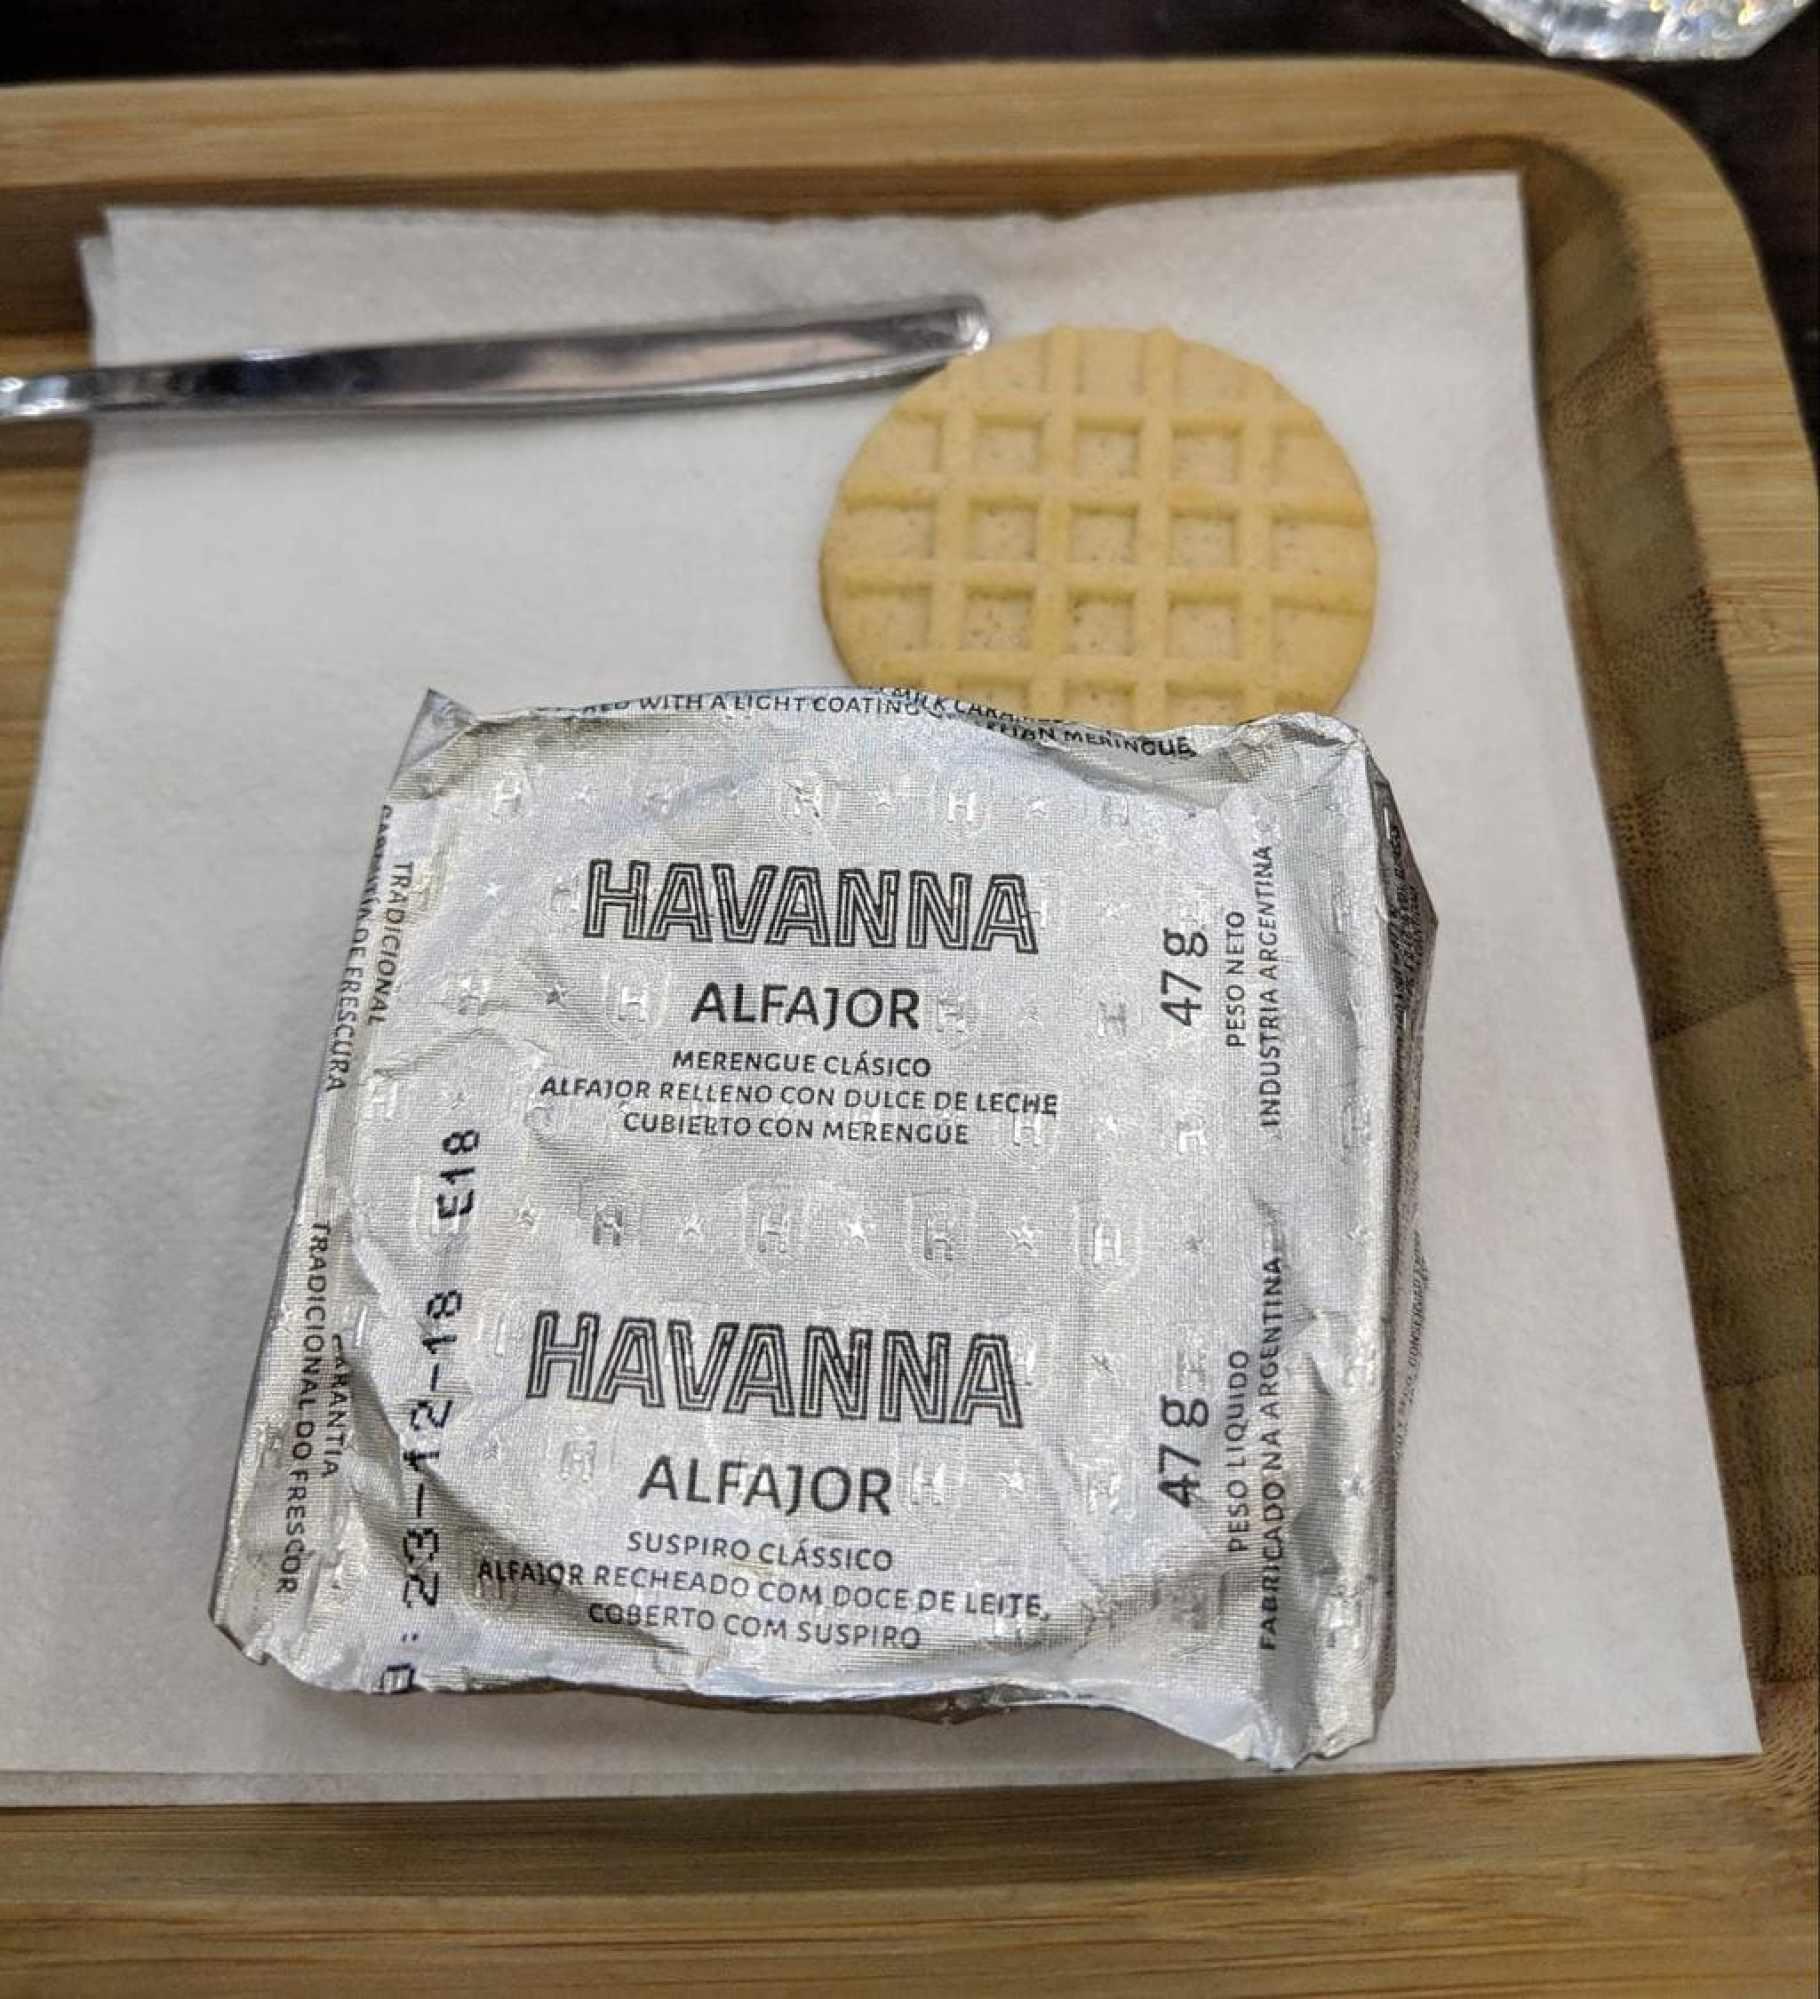 Individually wrapped alfajor from Havanna